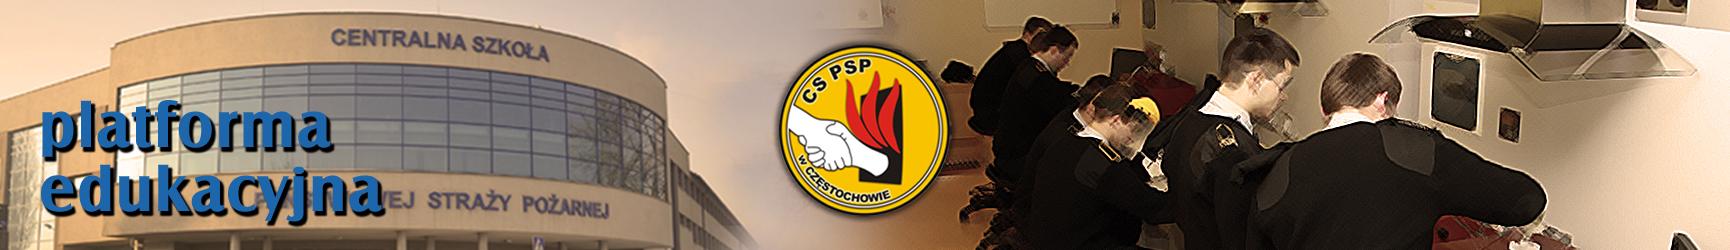 CS PSP w Częstochowie - zdjęcie